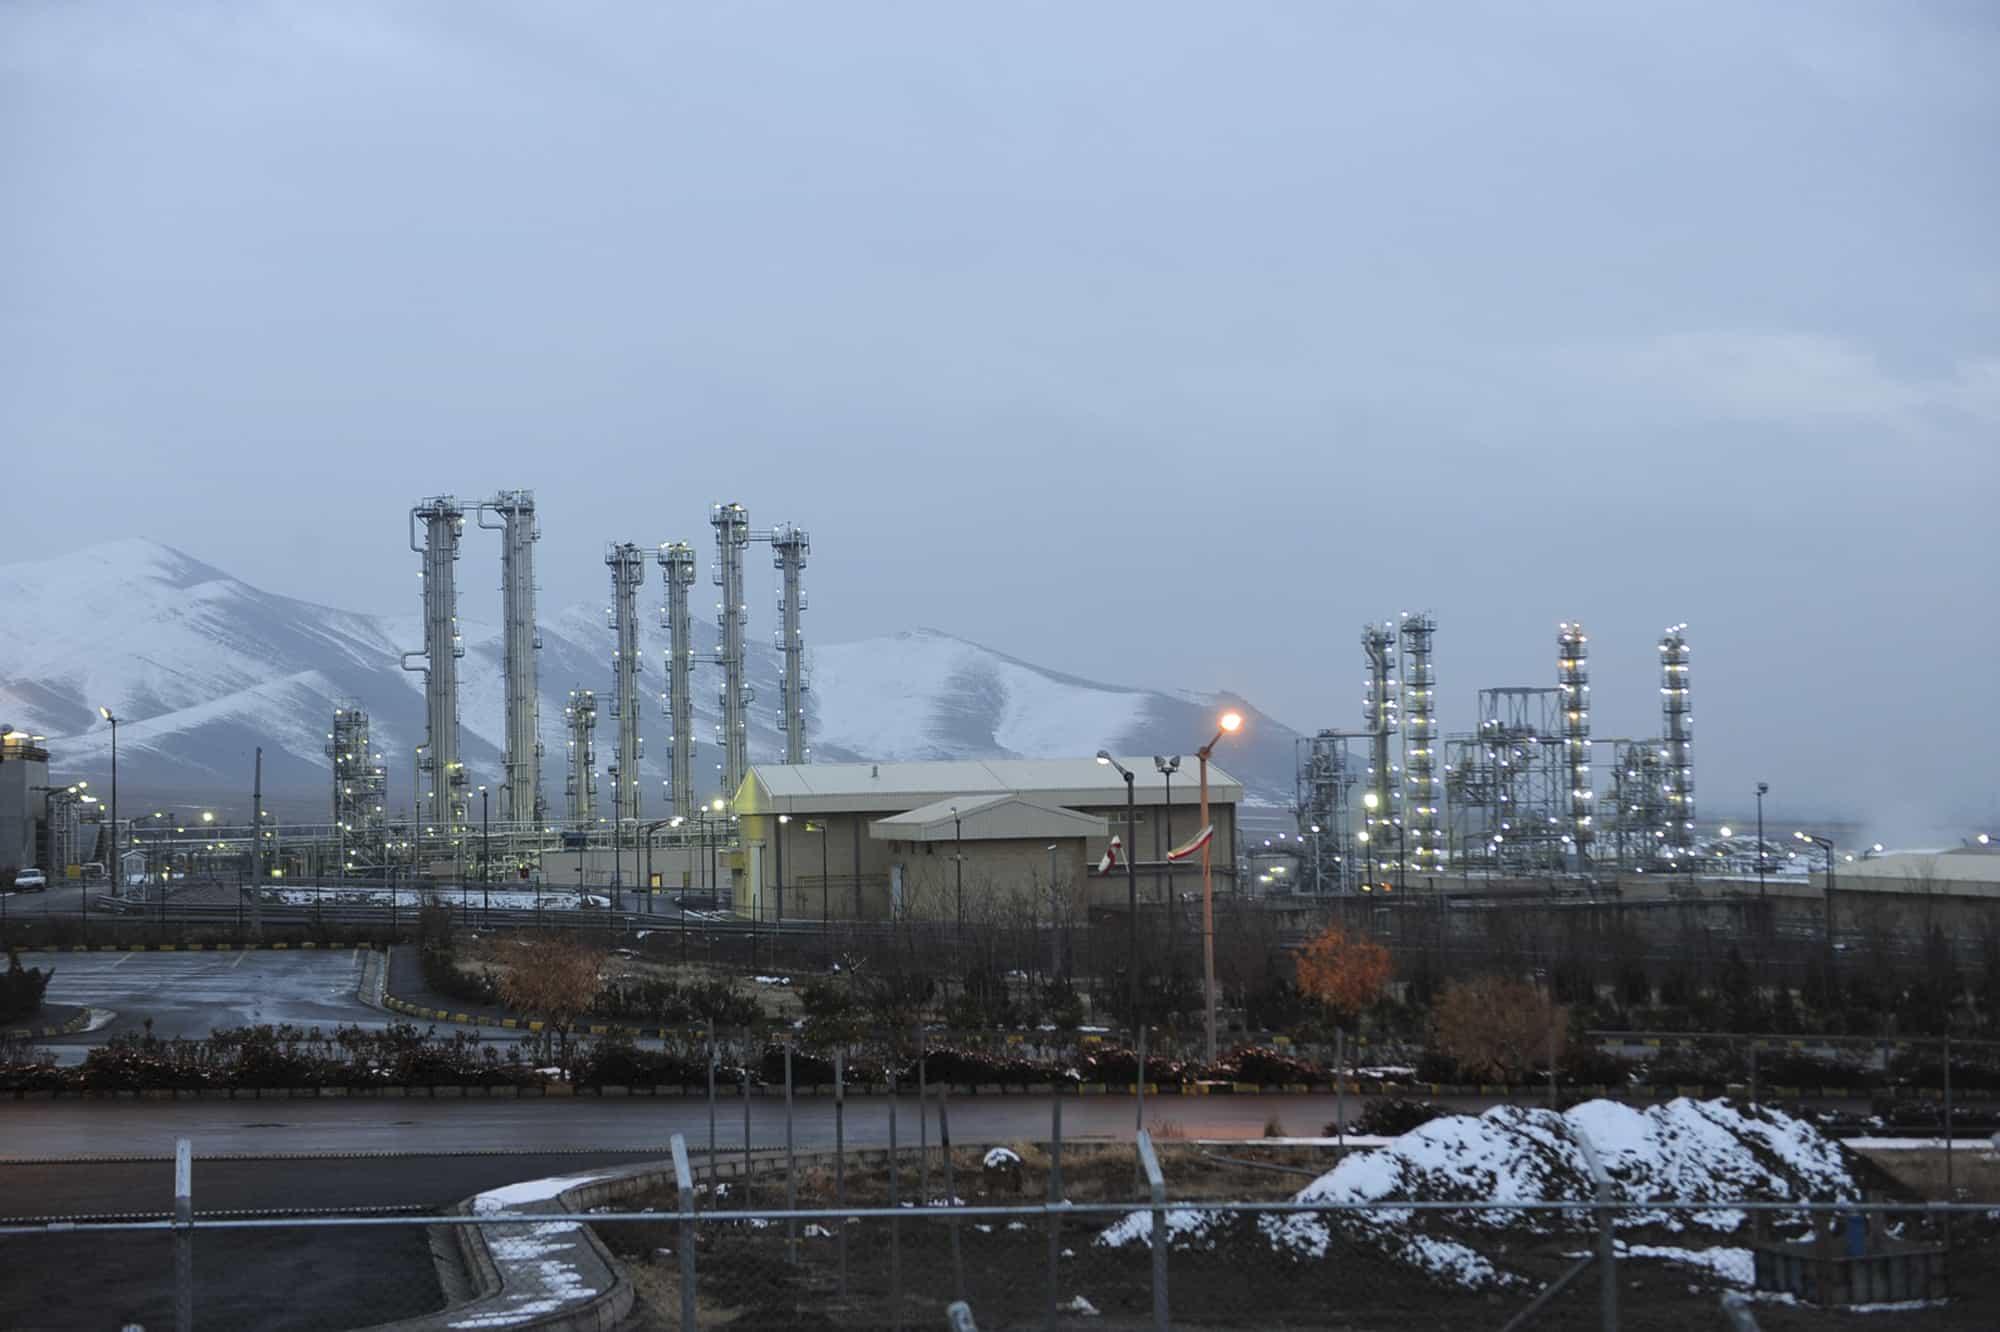 המתקן הגרעיני למים כבדים באראק שבאיראן (צילום: AP Photo/ISNA, Hamid Foroutan)